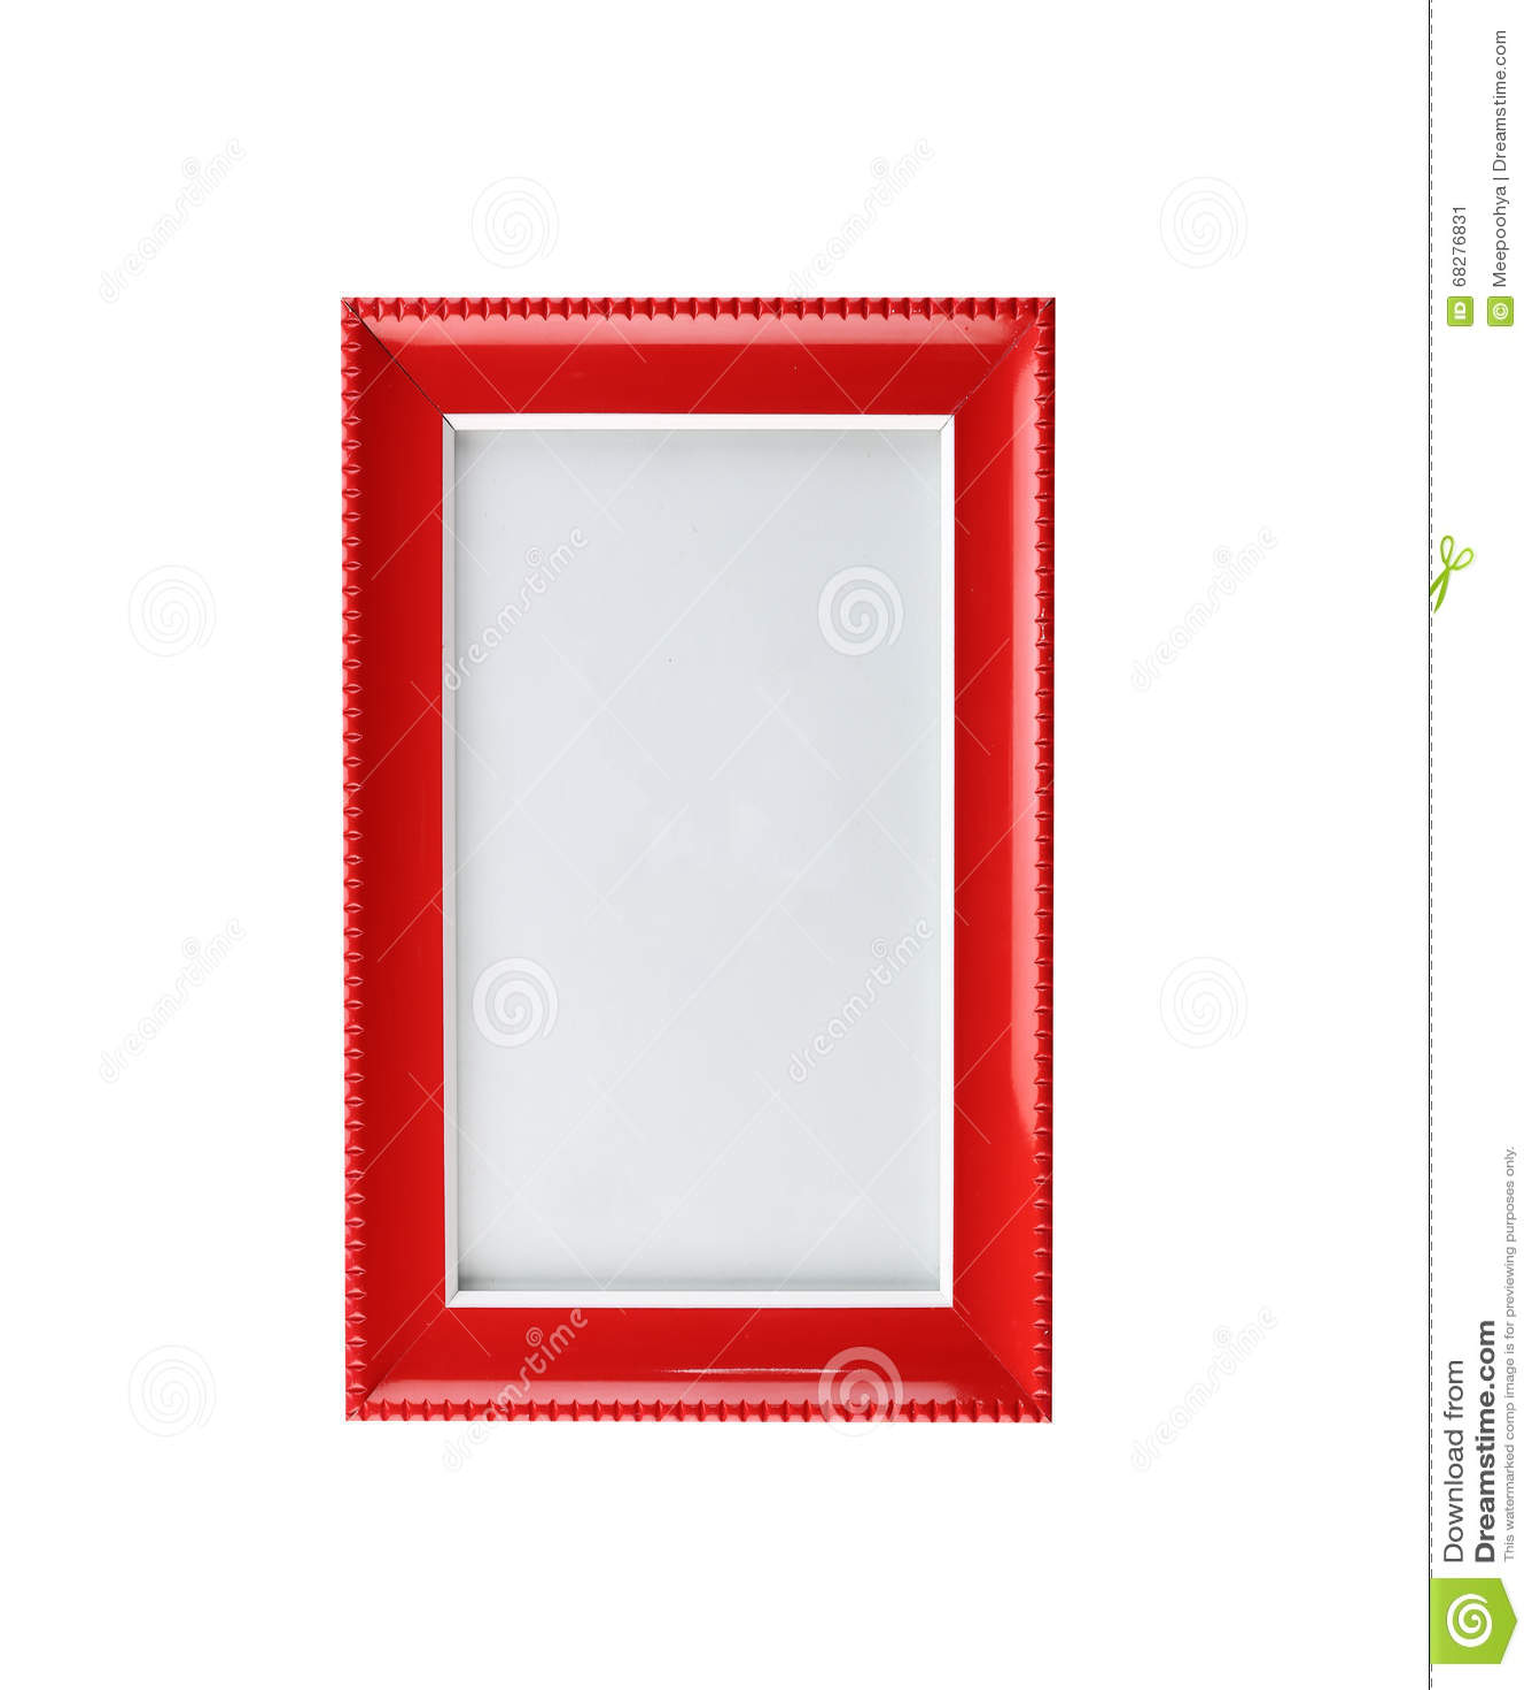 Moderner Roter Bilderrahmen Lokalisiert Stockfoto - Bild: 68276831